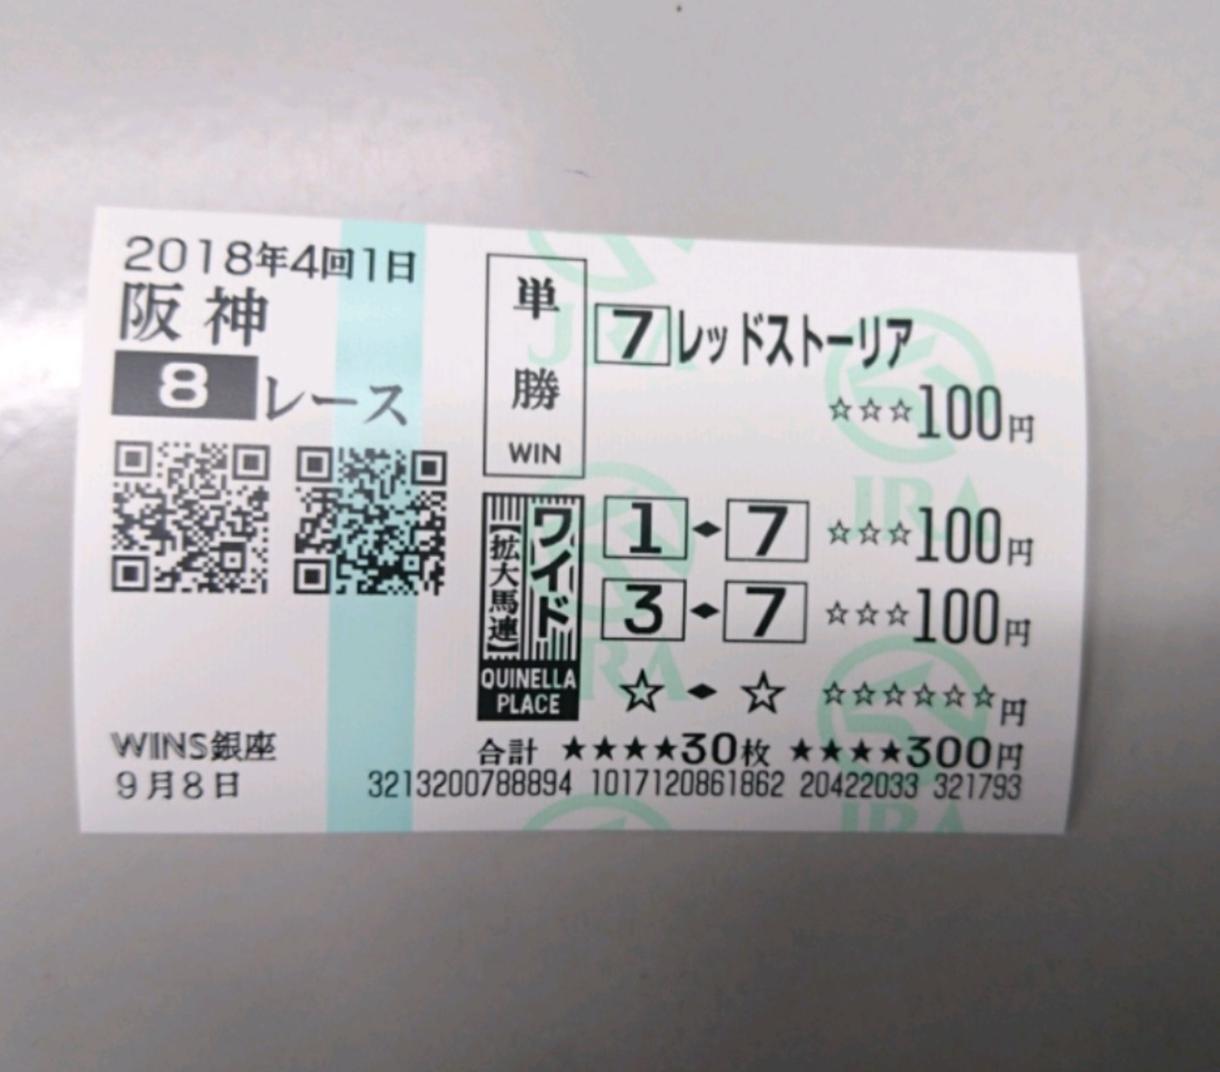 8/11日曜(土曜無料有)中央競馬の軸馬予想します 1点で高配当を狙う。100円から楽しめる競馬をご提案します!